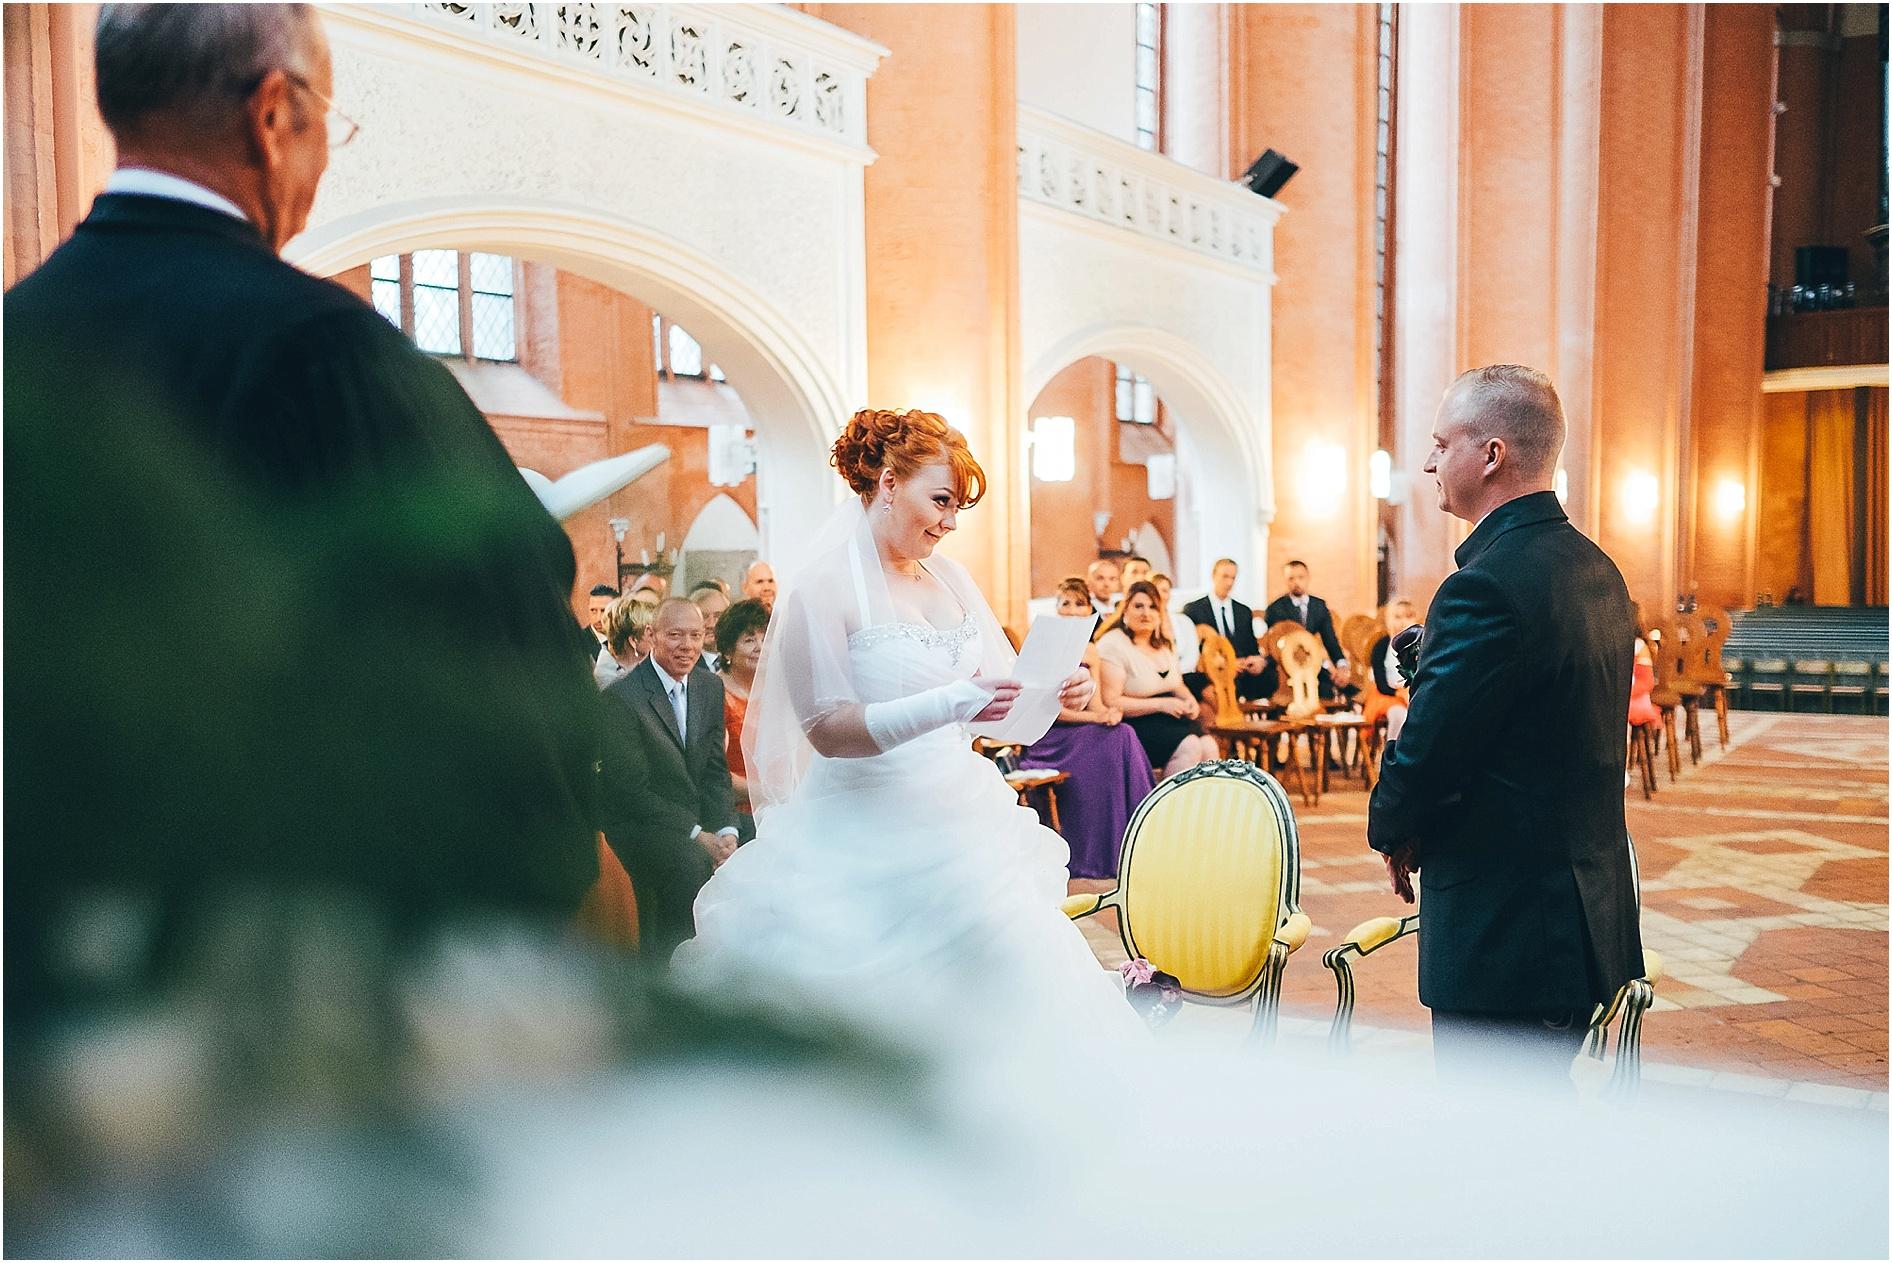 2014-11-20_0038 Lora & Daniel - Als Hochzeitsfotograf in Lüneburg